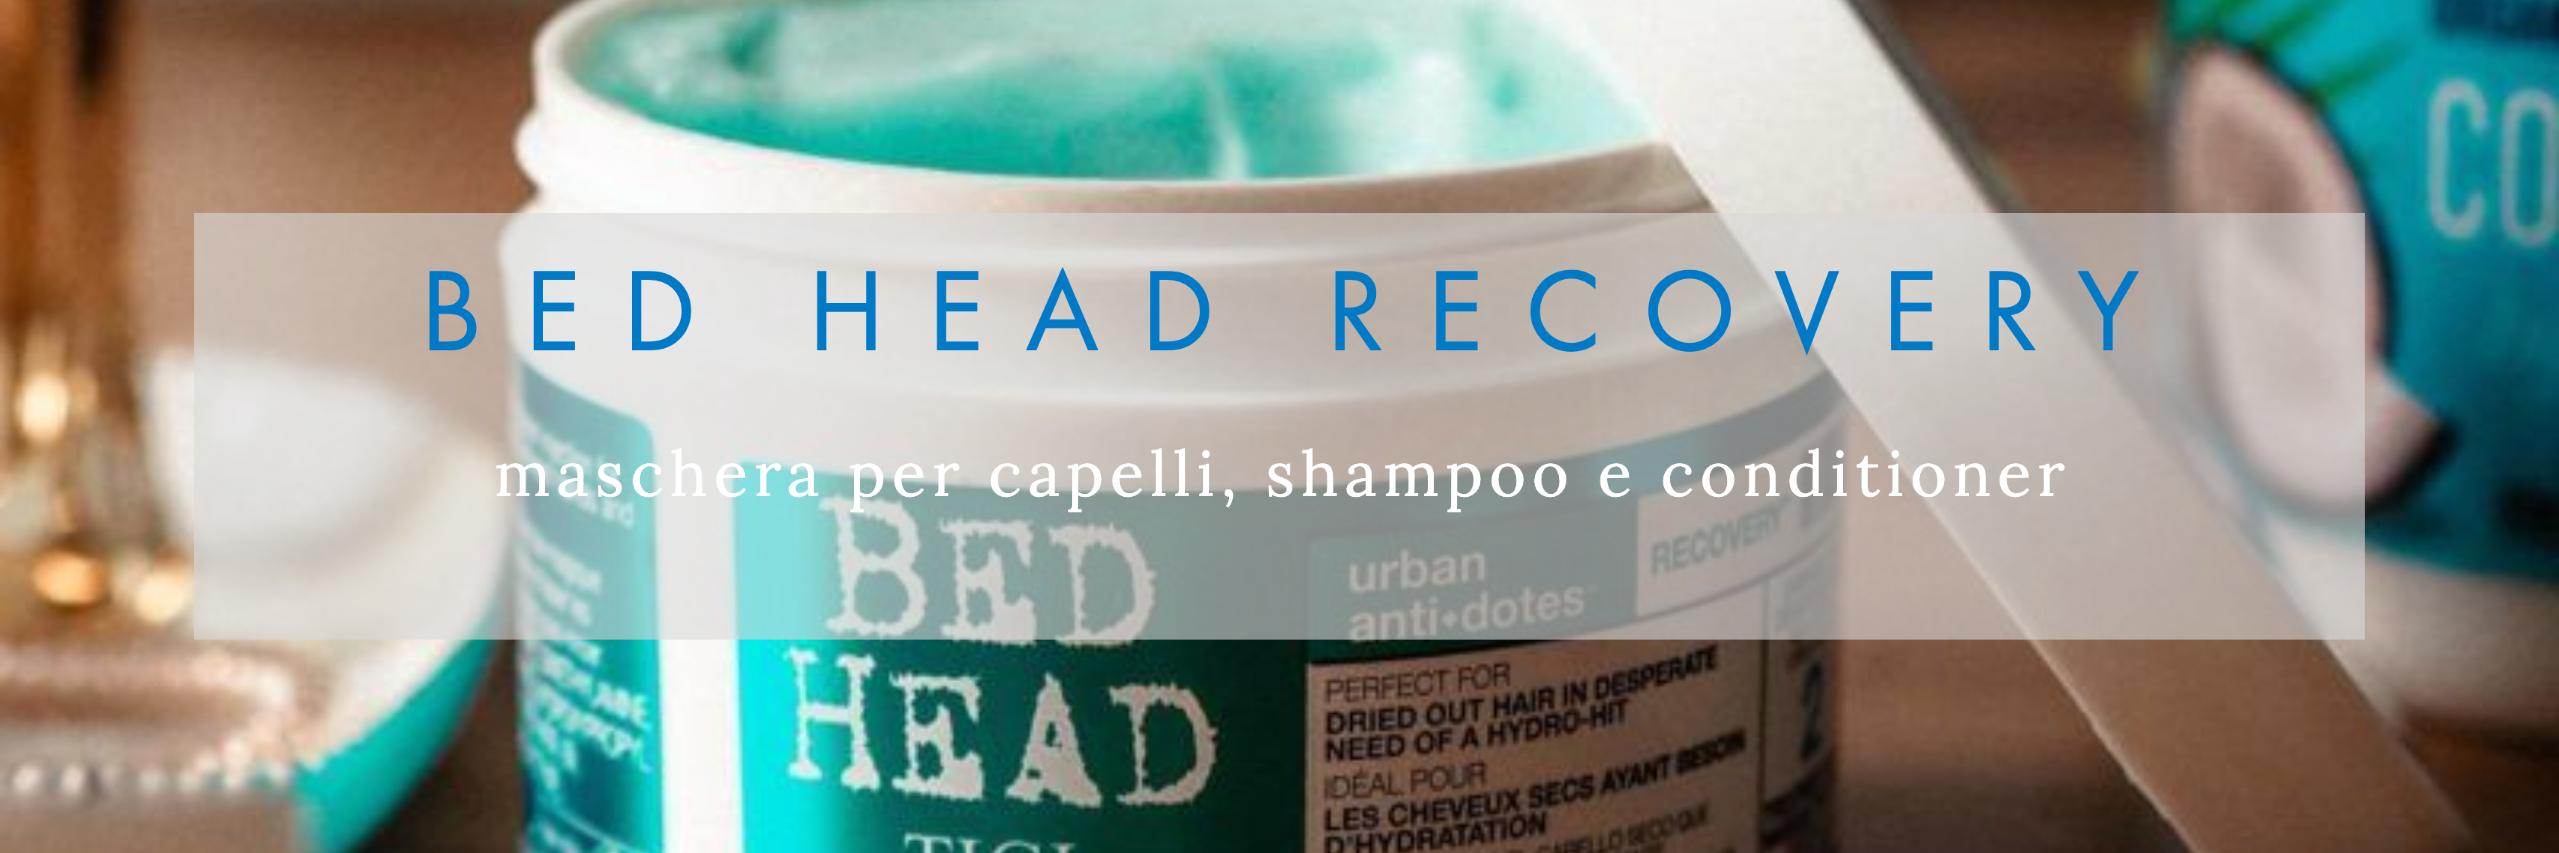 maschera capelli estate bed head